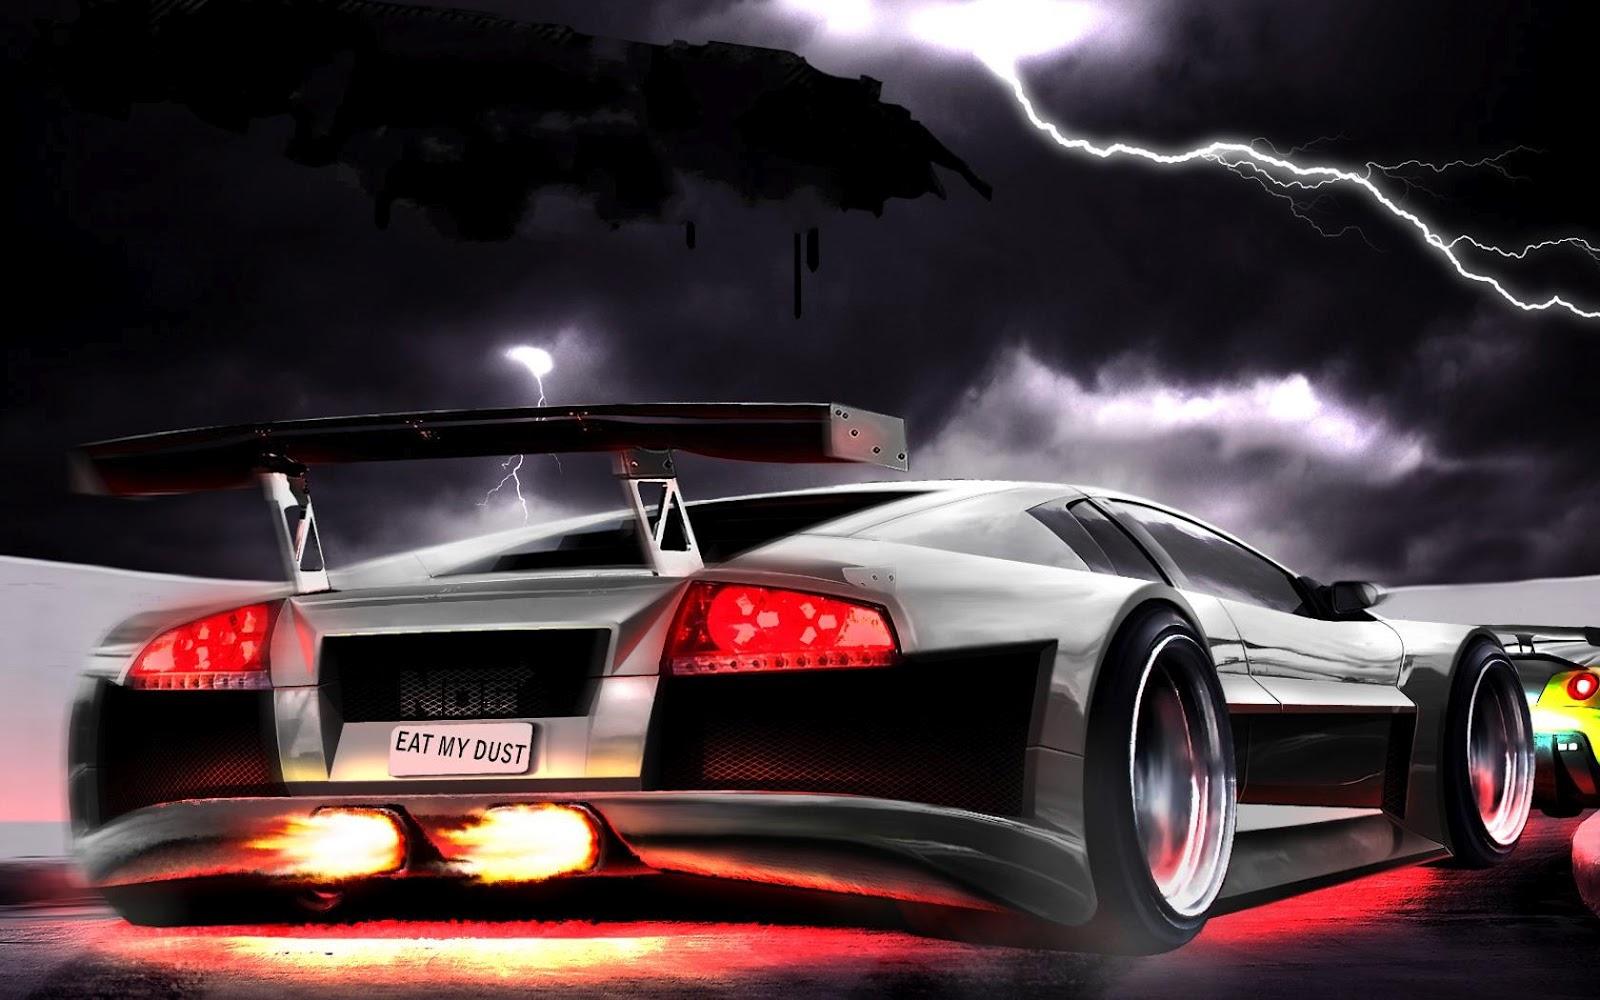 digital car desktop background